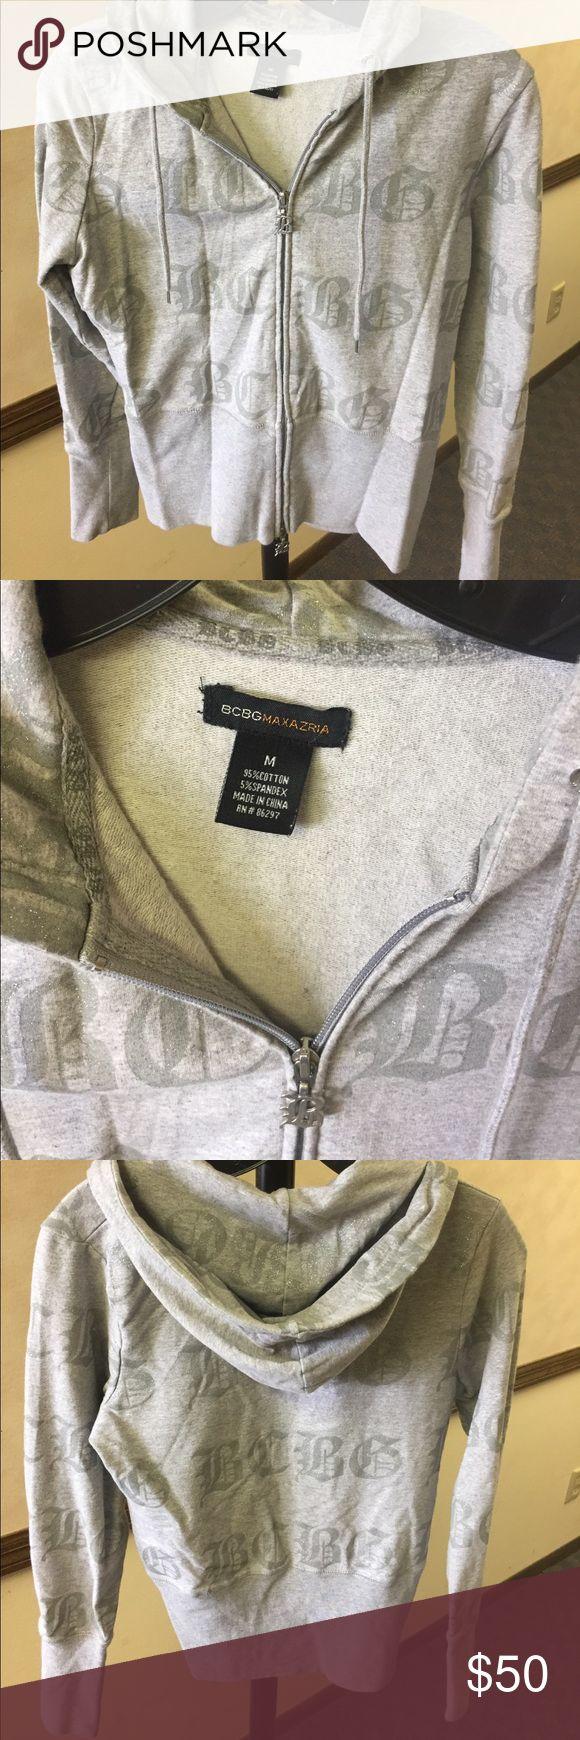 NWOT BCBG grey and silver hoodie NWOT BCBG grey and silver hoodie BCBGMaxAzria Tops Sweatshirts & Hoodies